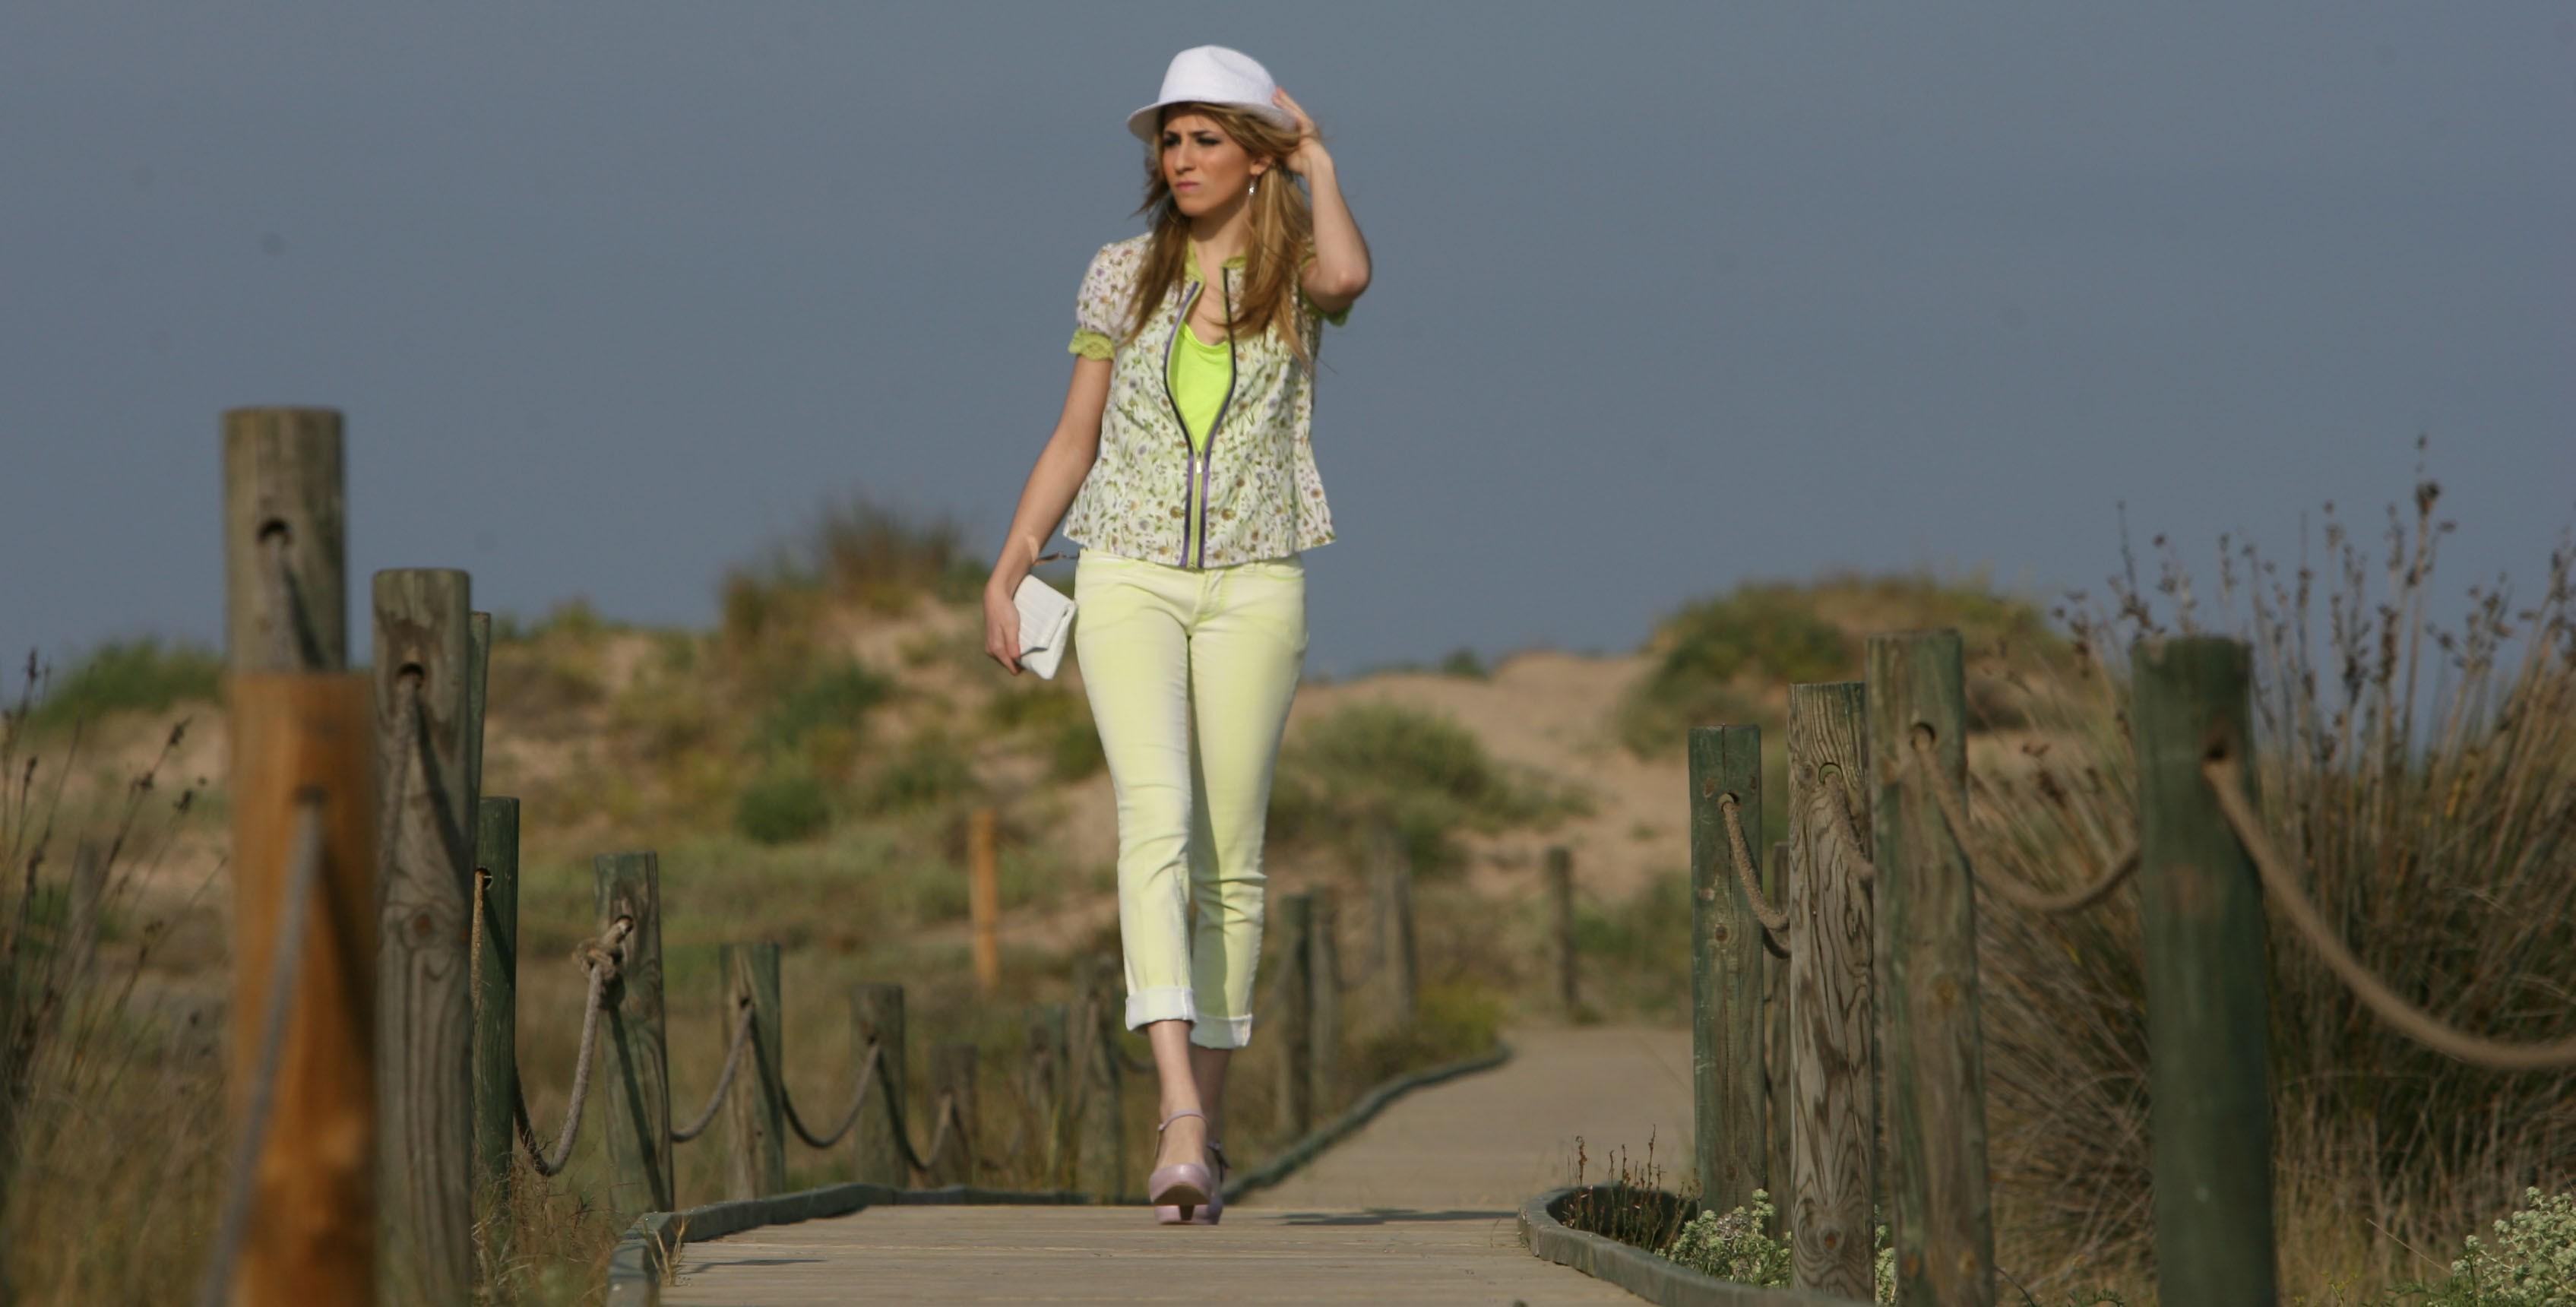 CristinanúñezFrancinasarrà Comprar en  tiendas ROPA TARRAGONA y www.cris-by.com tienda online2.jpg